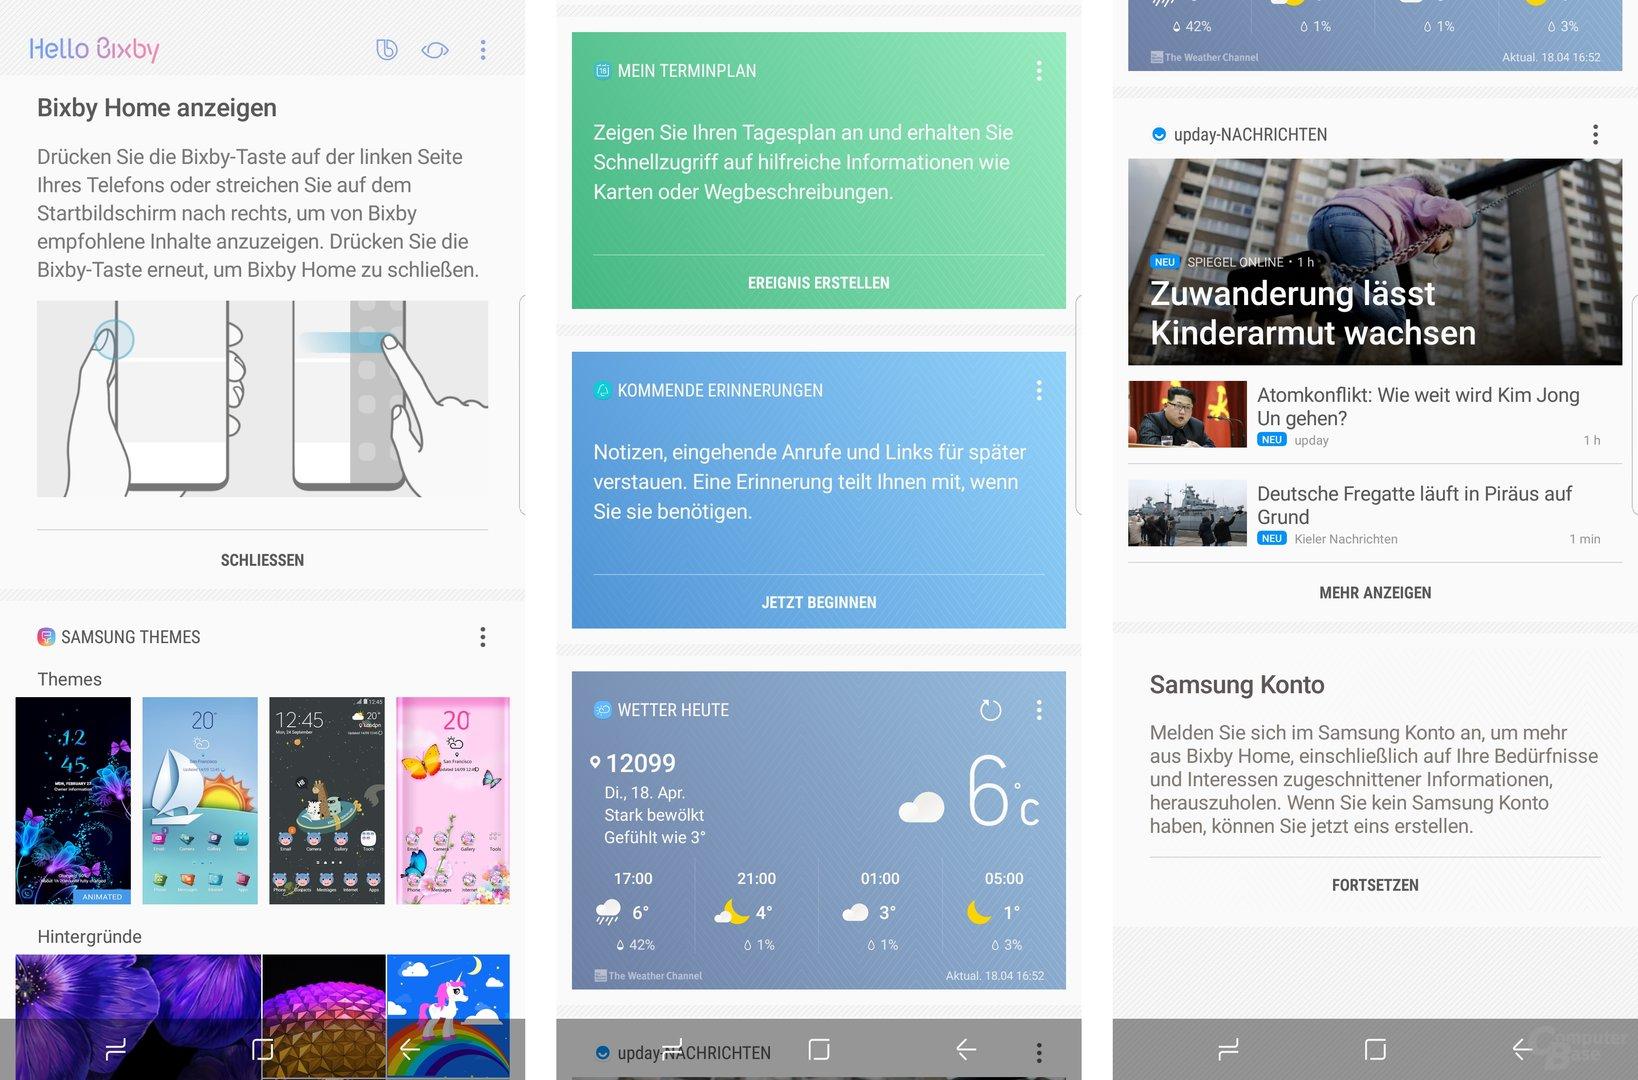 Bixby Homescreen für Termine, Wetter, Erinnerungen und Nachrichten